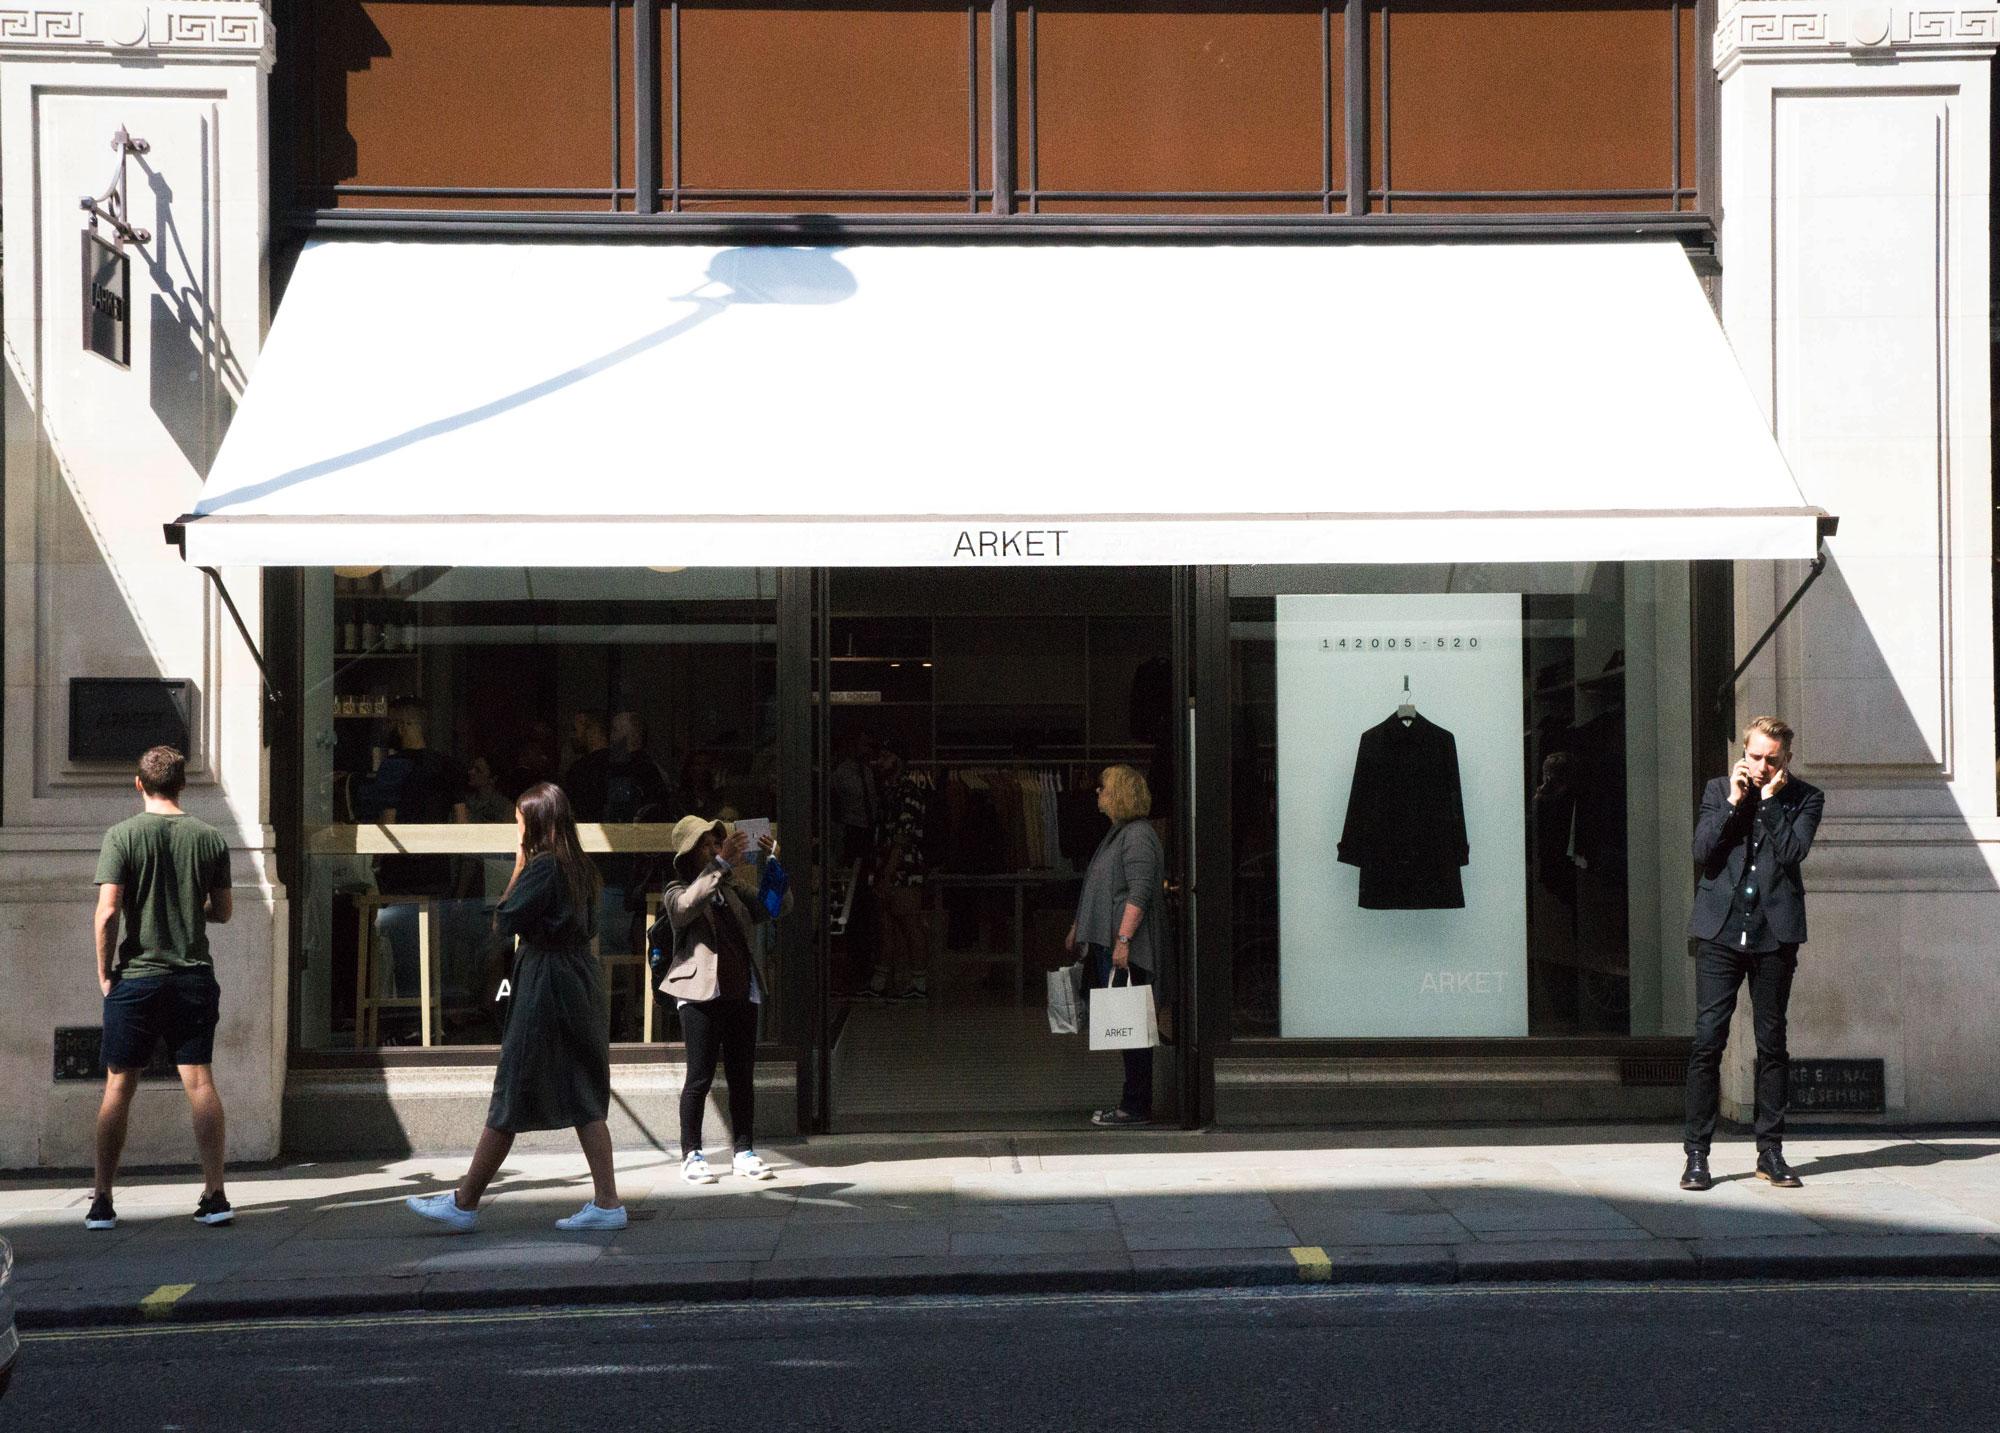 Arket Regent Street